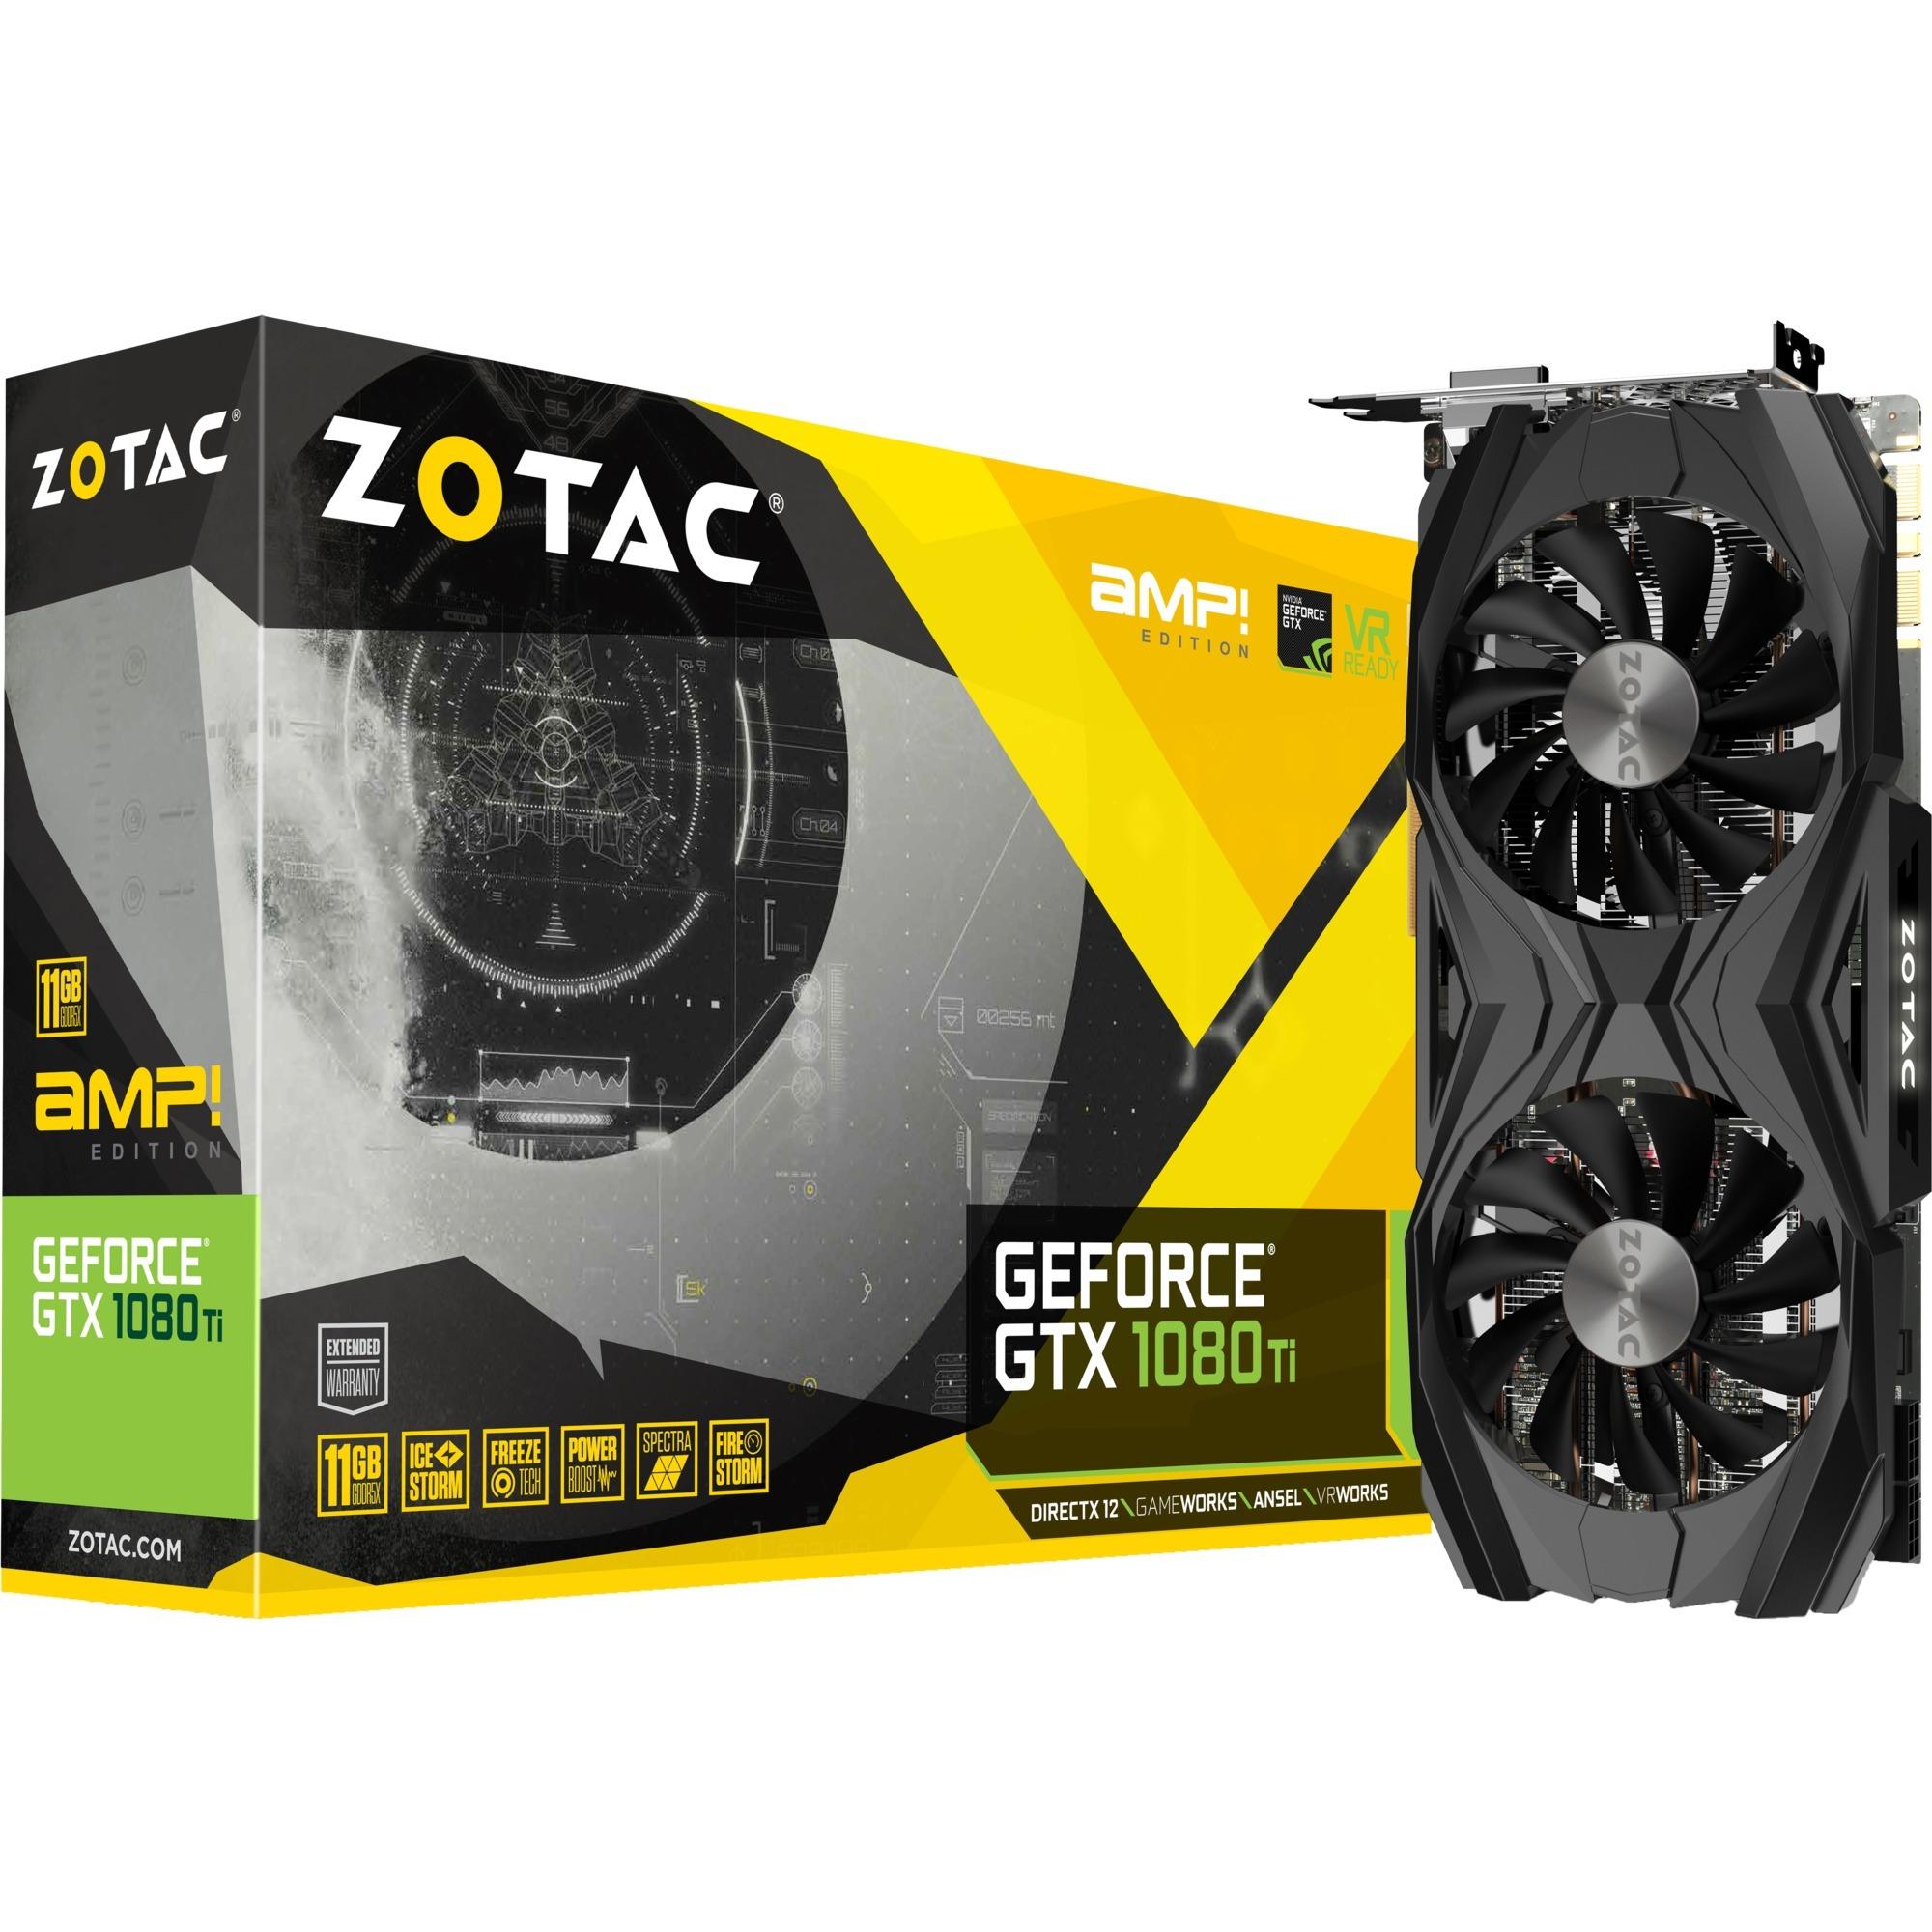 GeForce GTX 1080 Ti AMP Edition GeForce GTX 1080 Ti 11GB GDDR5X,...